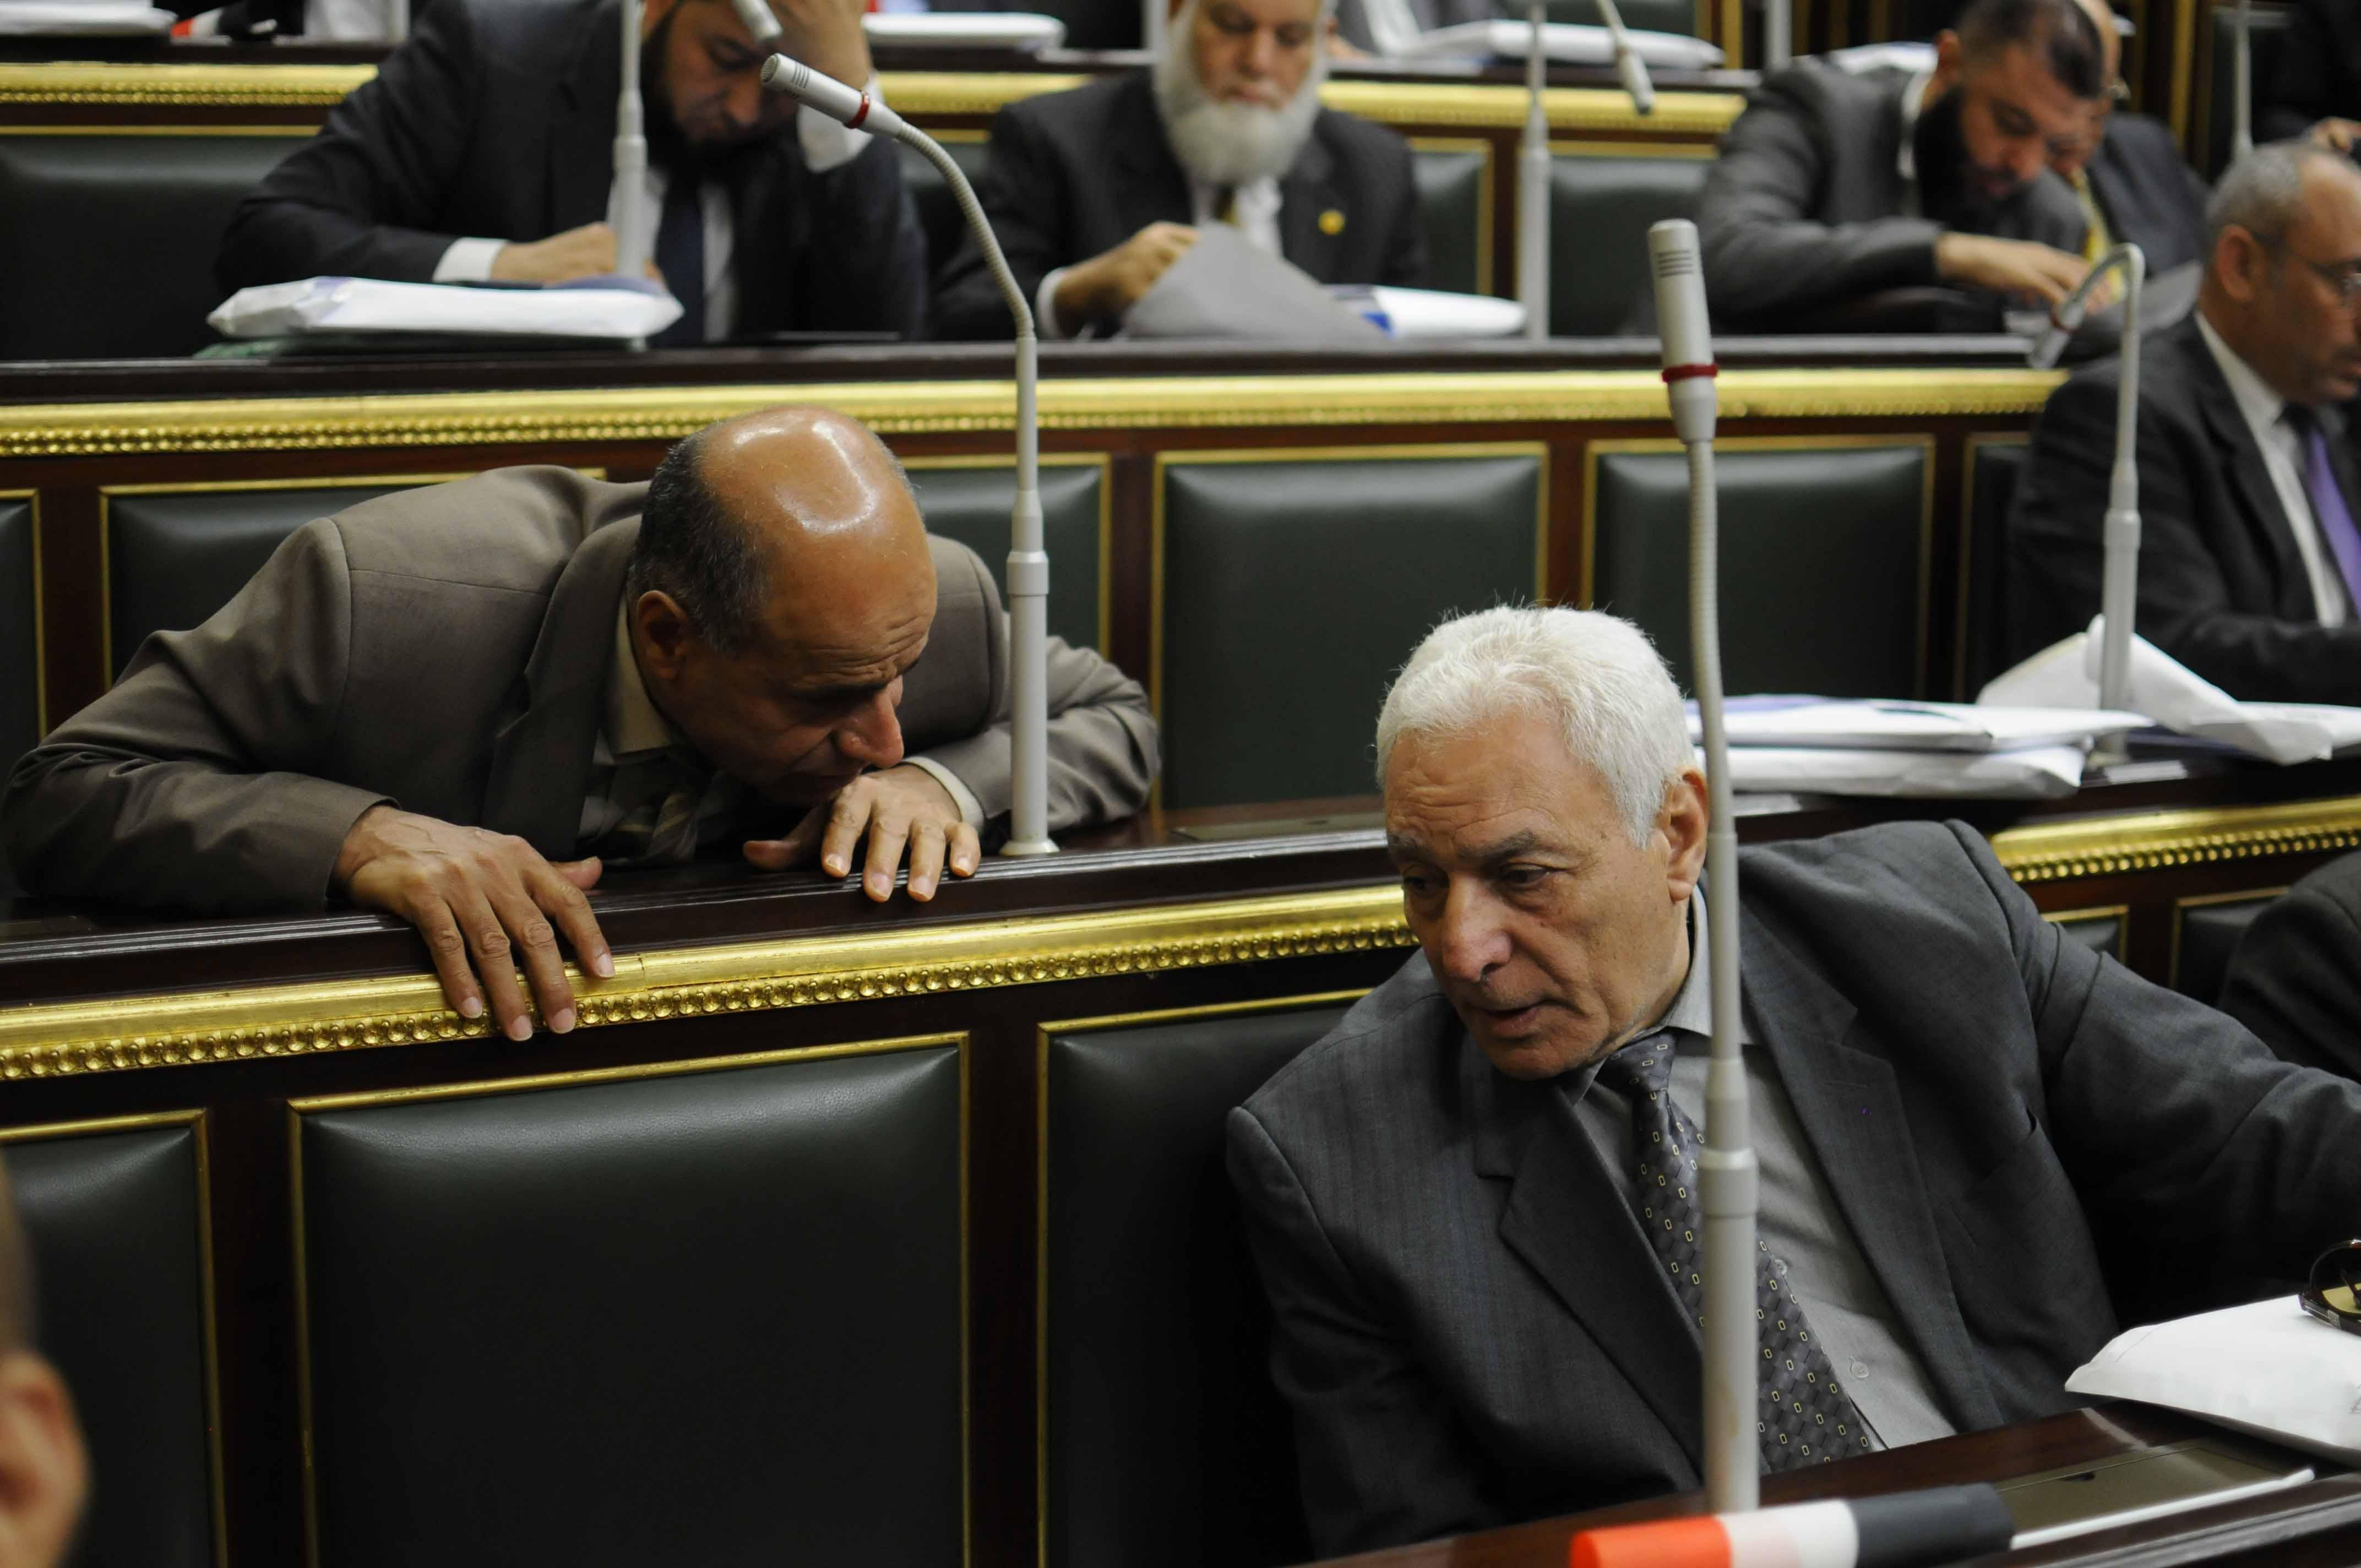 نائبان يتبادلان الحديث أثناء جلسة إقرار التعديلات الدستورية بمجلس النواب المصري (خاص إندبندنت عربية)